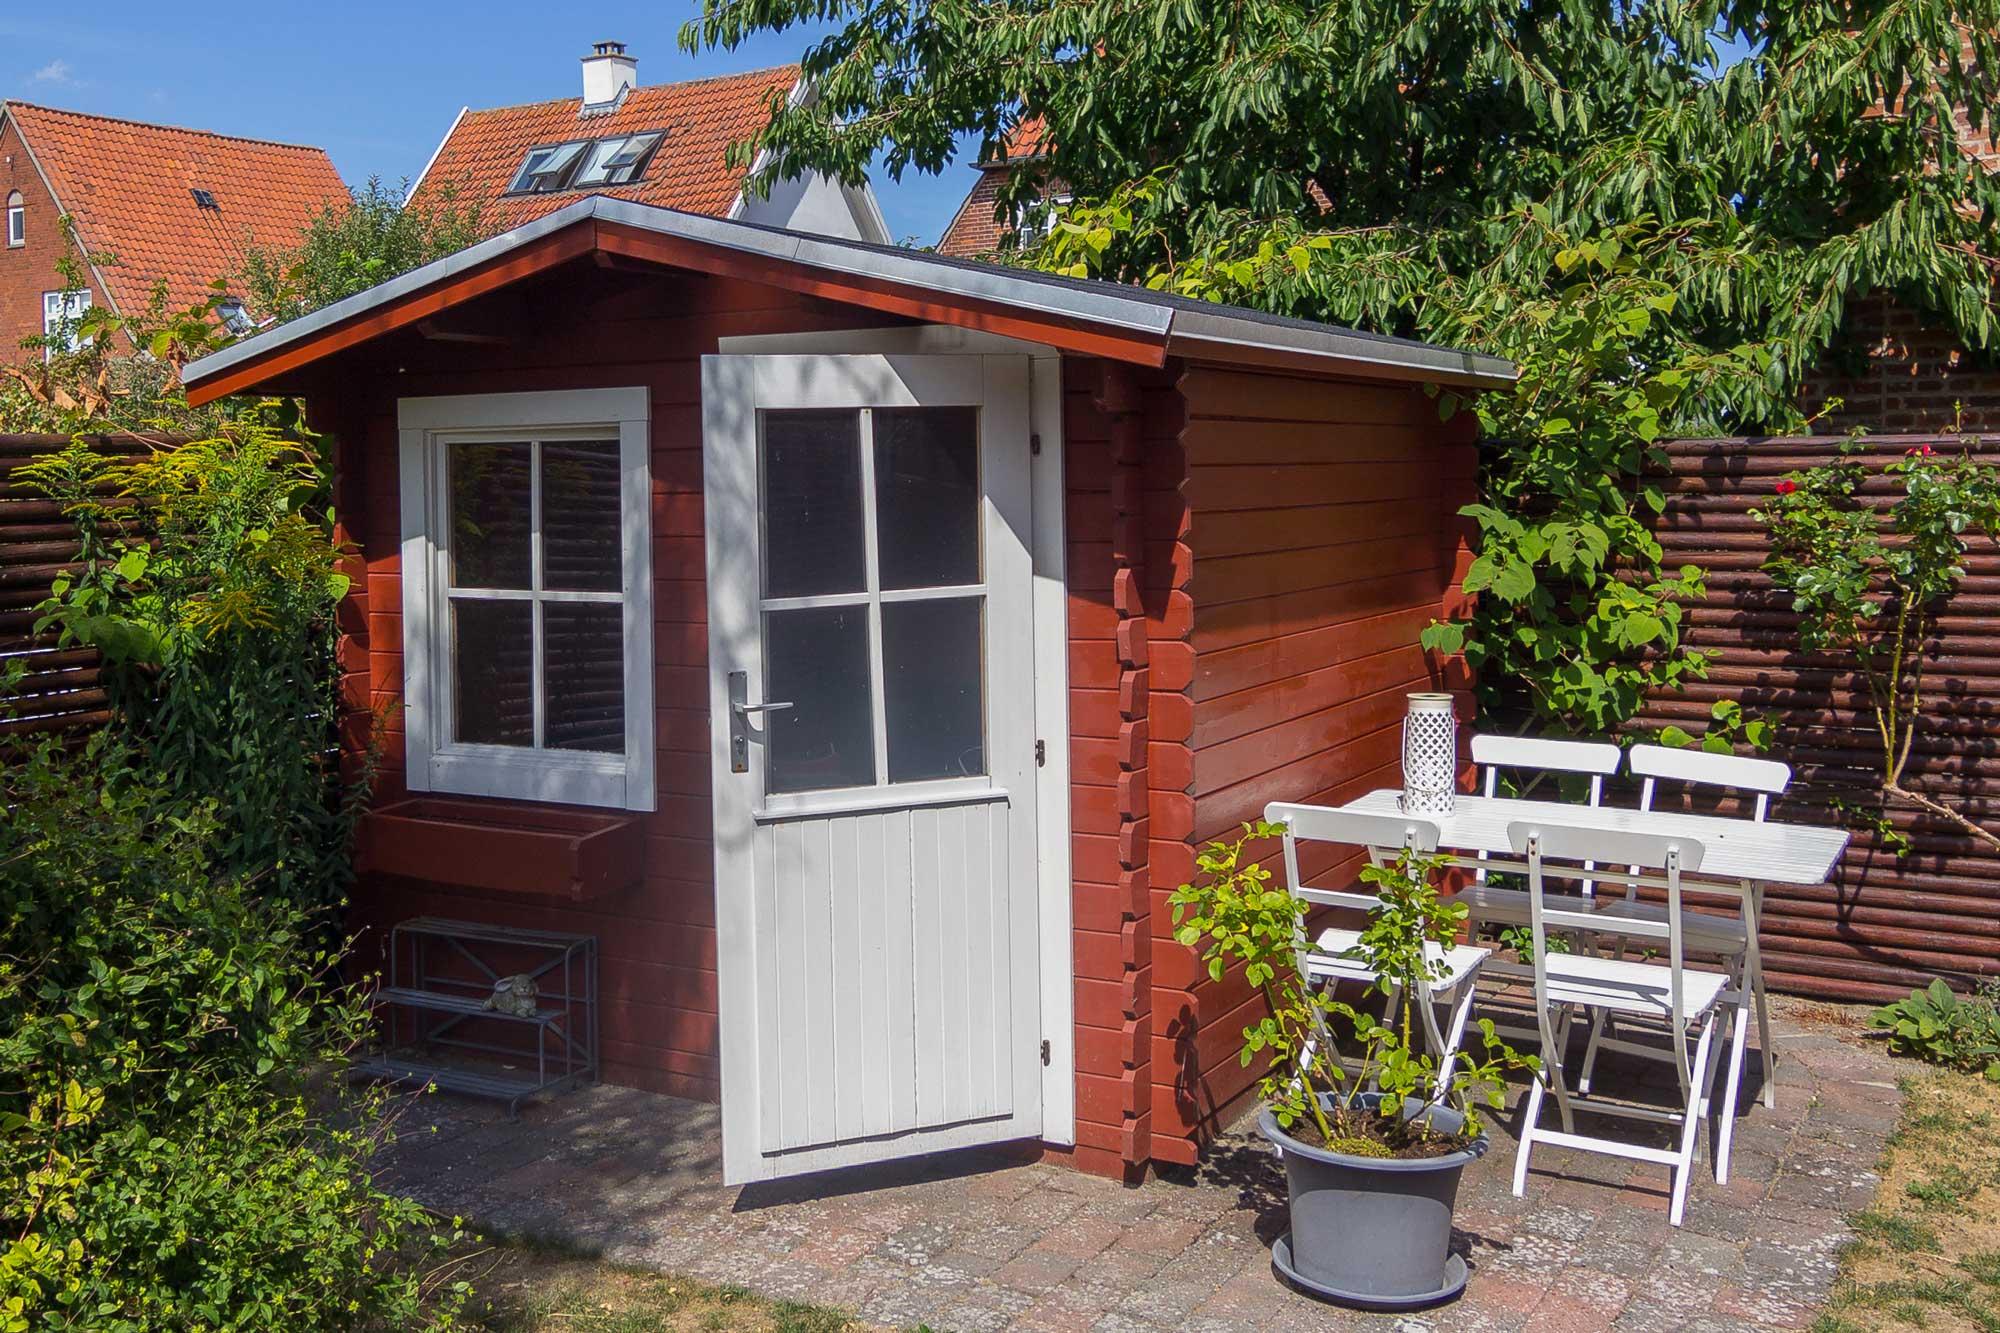 Tesdorpfsvej_30_Odense_C-2